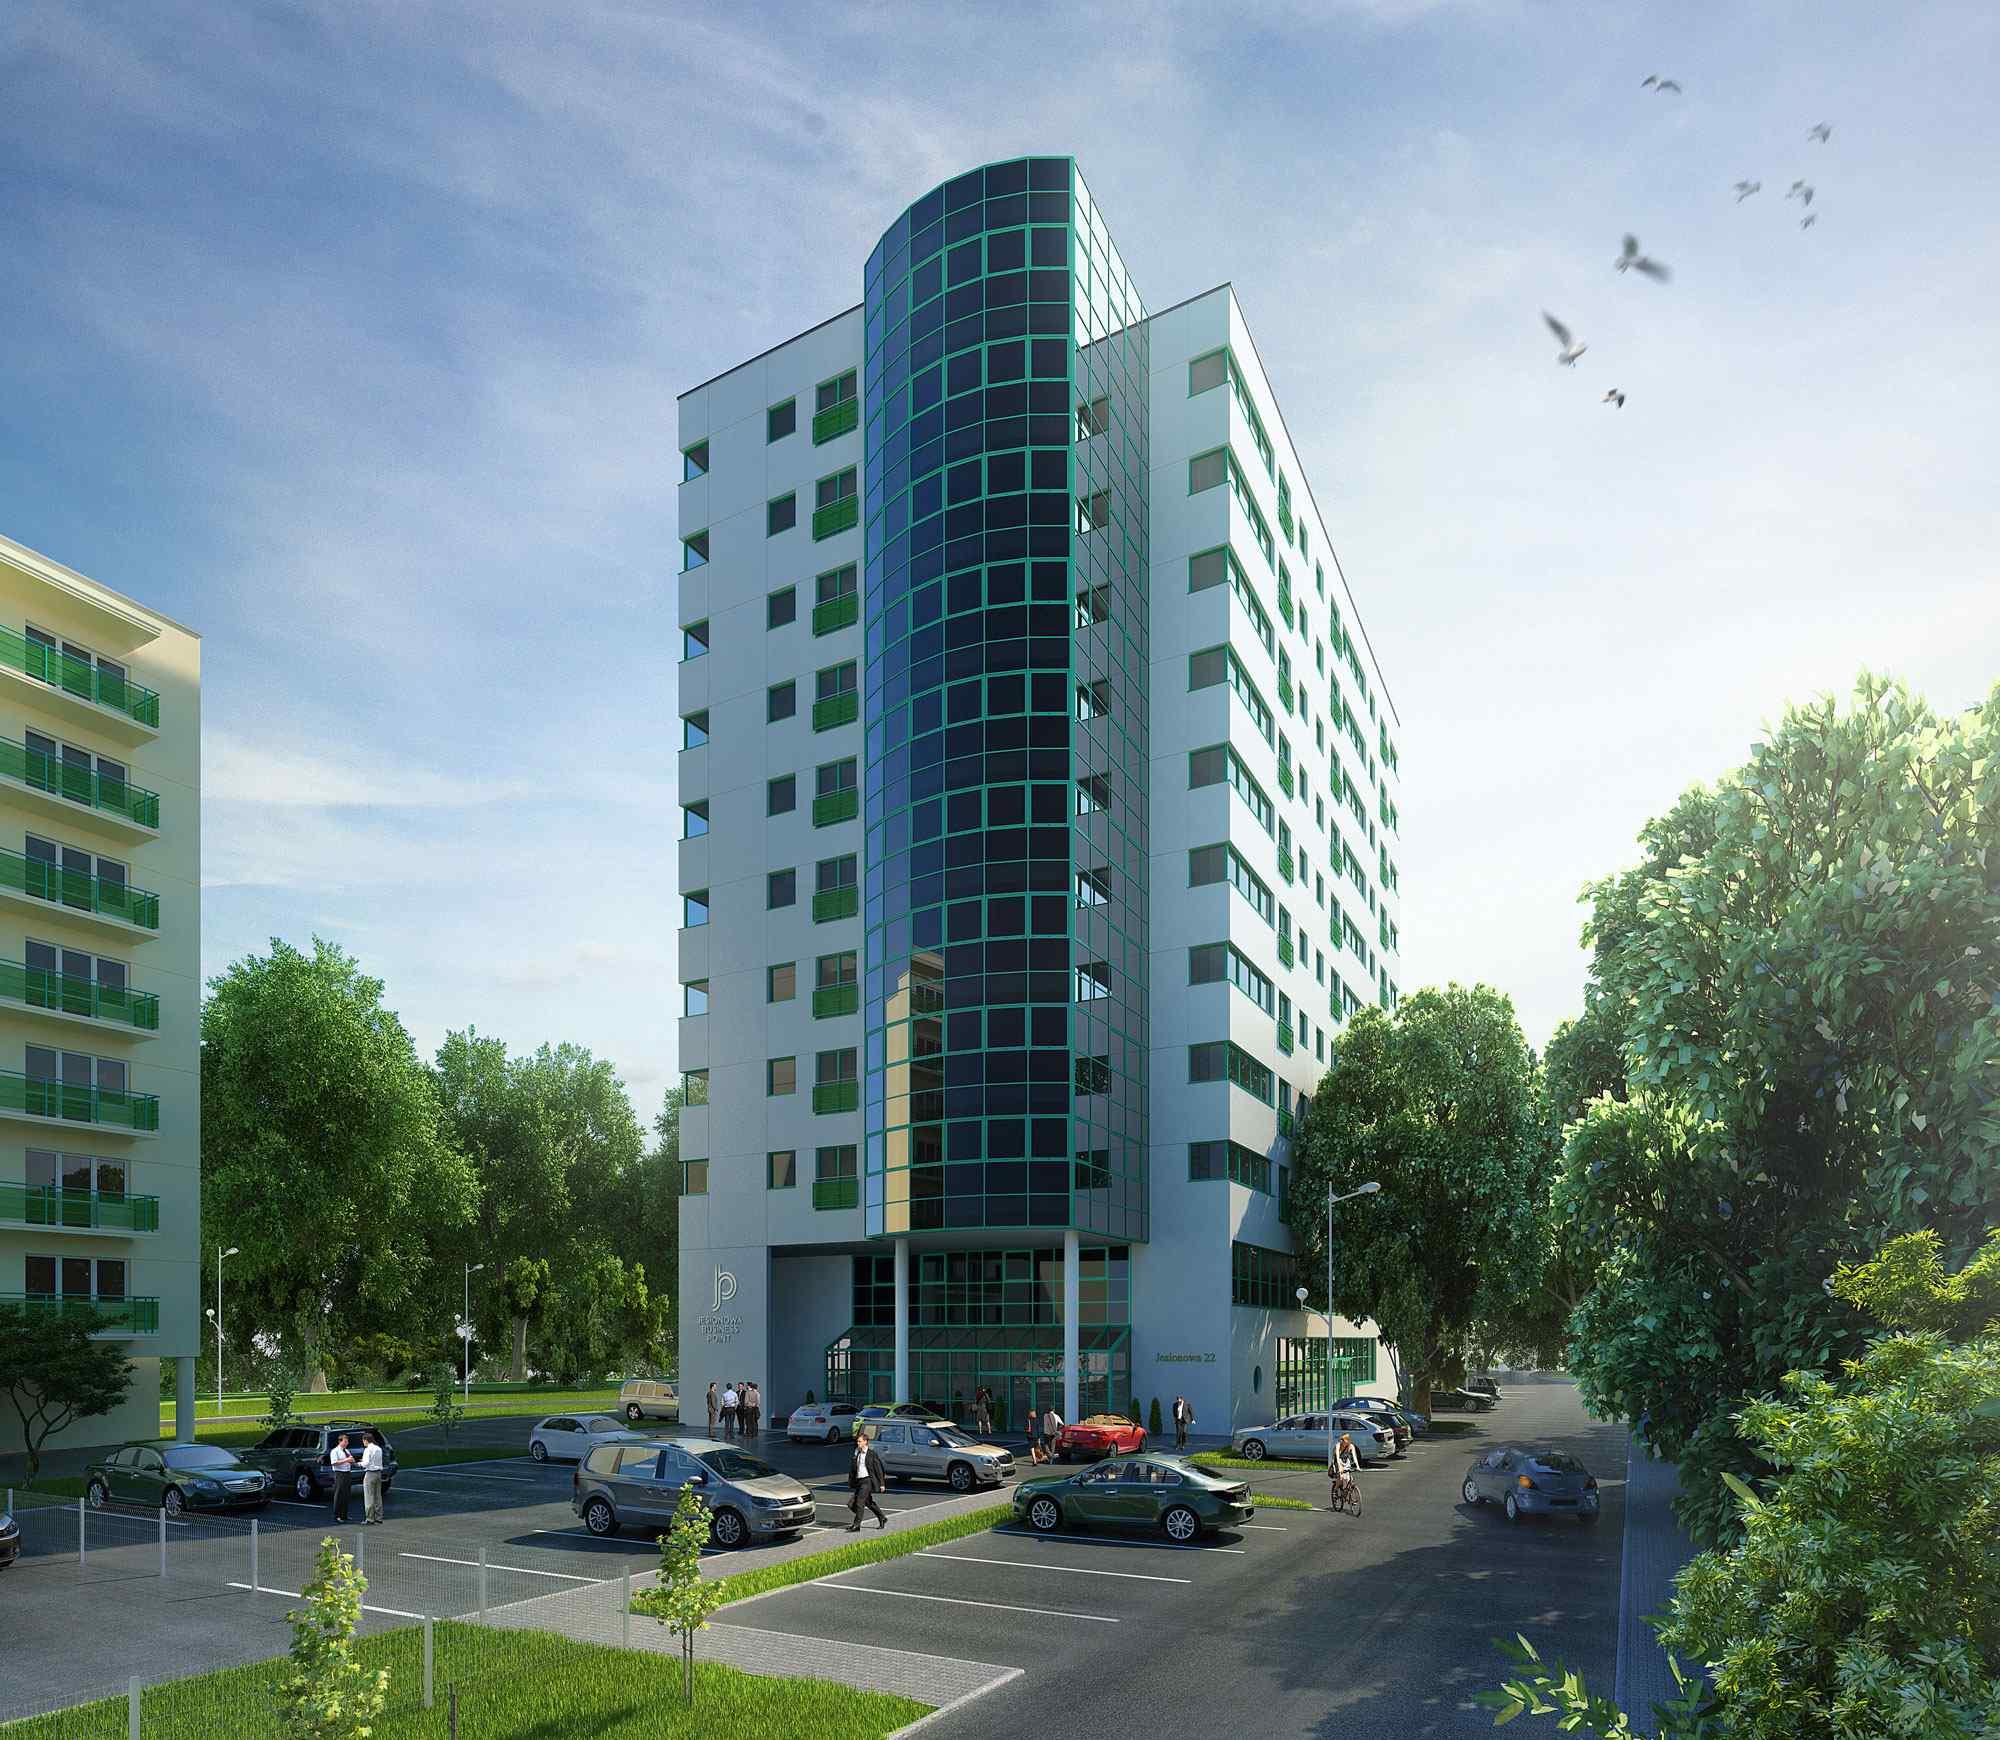 Nowe mieszkanie Katowice 93.42m2, mieszkanie na sprzedaż